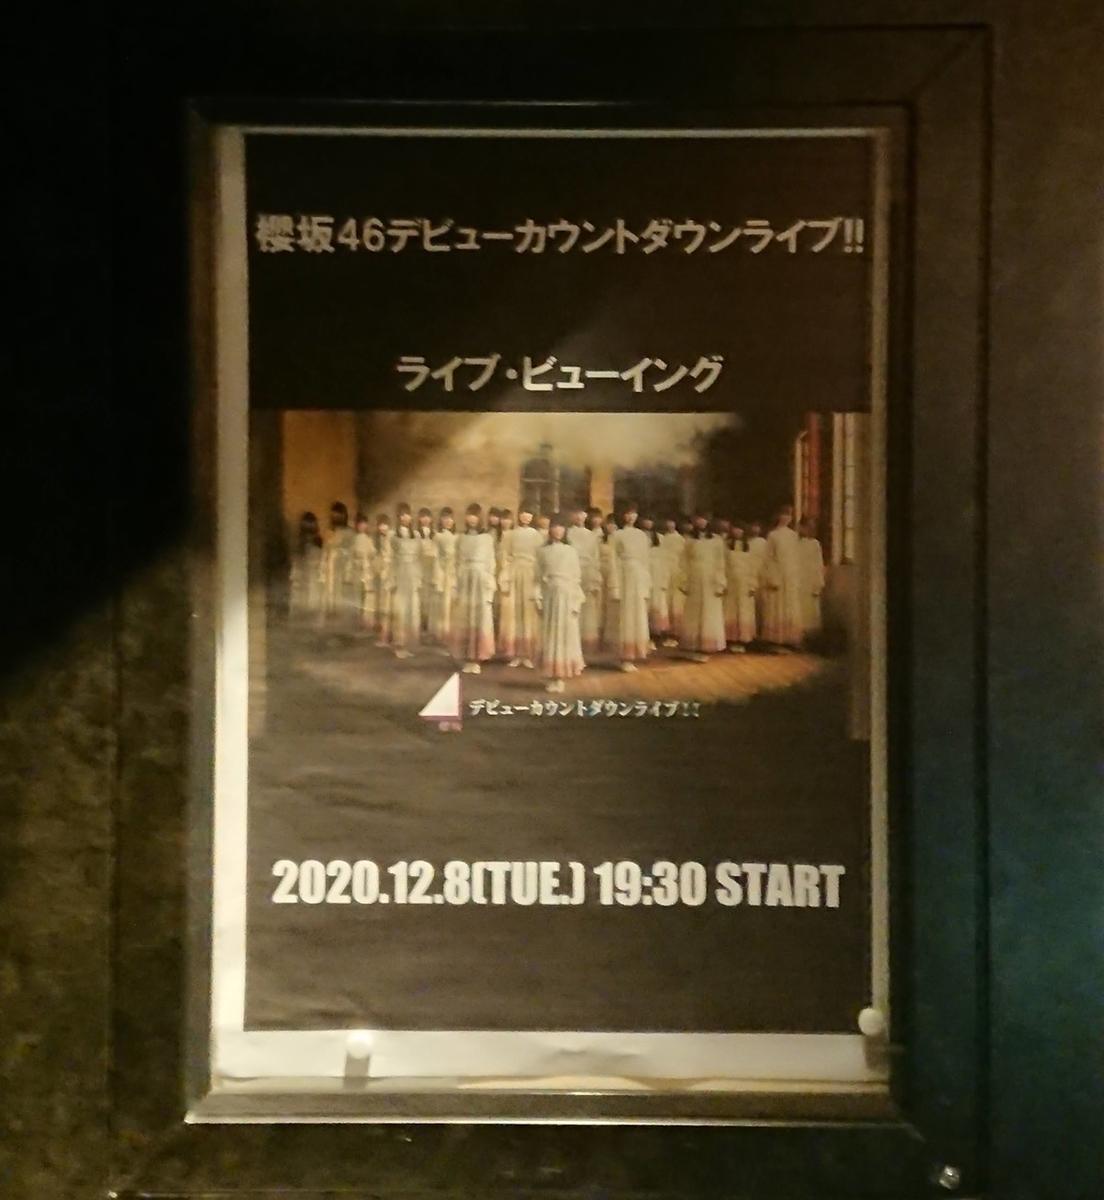 櫻坂46 デビューカウントダウンライブ 映画館スクリーン前ポスター